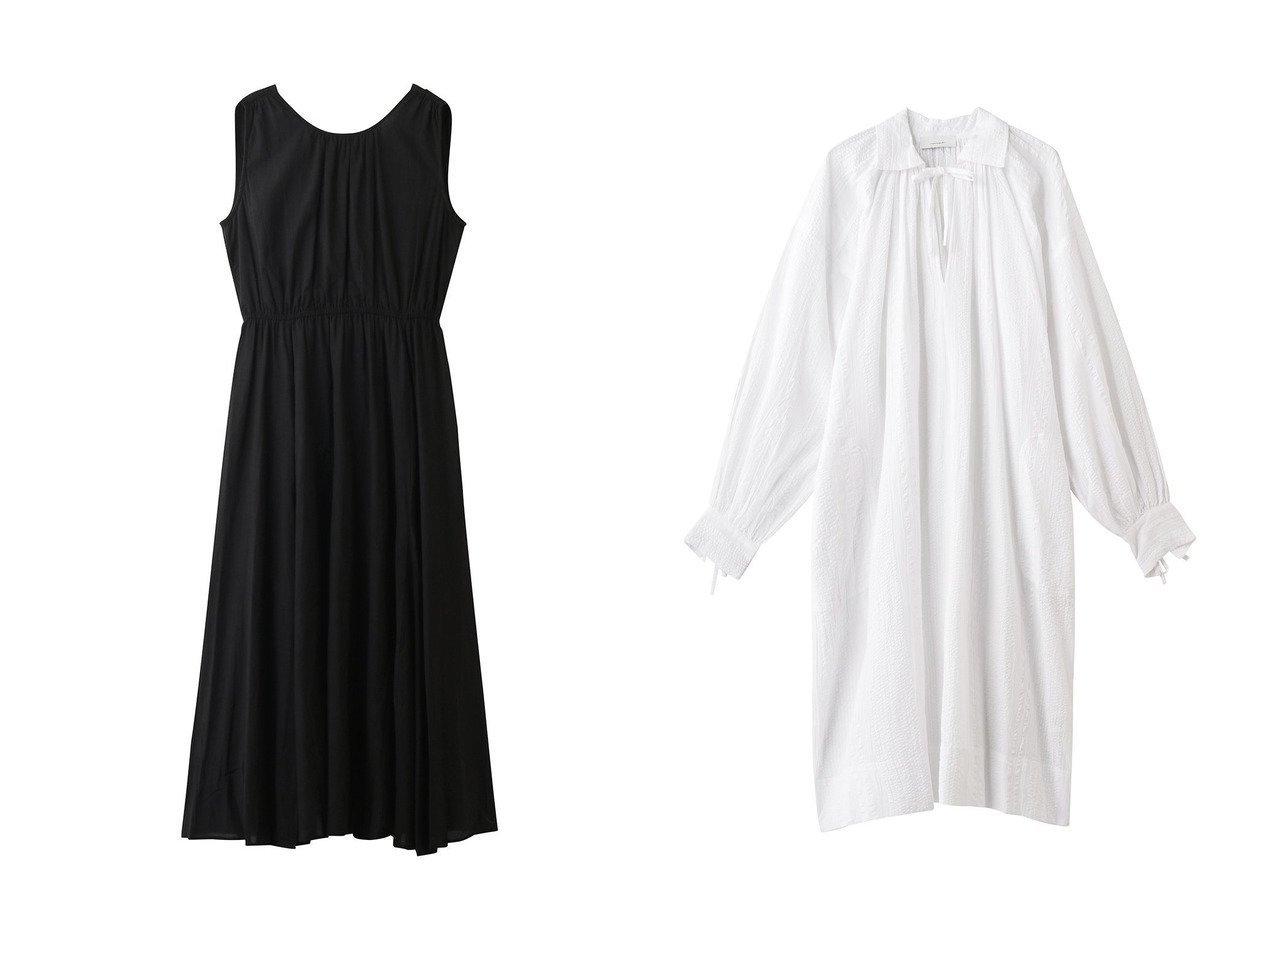 【normment/ノーメント】のVバックギャザードレス&ランダムストライプヴィンテージシェイプシャツ 【ワンピース・ドレス】おすすめ!人気、トレンド・レディースファッションの通販 おすすめで人気の流行・トレンド、ファッションの通販商品 インテリア・家具・メンズファッション・キッズファッション・レディースファッション・服の通販 founy(ファニー) https://founy.com/ ファッション Fashion レディースファッション WOMEN ワンピース Dress ドレス Party Dresses チュニック Tunic 2020年 2020 2020-2021秋冬・A/W AW・Autumn/Winter・FW・Fall-Winter/2020-2021 2021年 2021 2021-2022秋冬・A/W AW・Autumn/Winter・FW・Fall-Winter・2021-2022 A/W・秋冬 AW・Autumn/Winter・FW・Fall-Winter ギャザー チュニック ノースリーブ パーティ ストライプ スリット ビンテージ ランダム リボン  ID:crp329100000060591